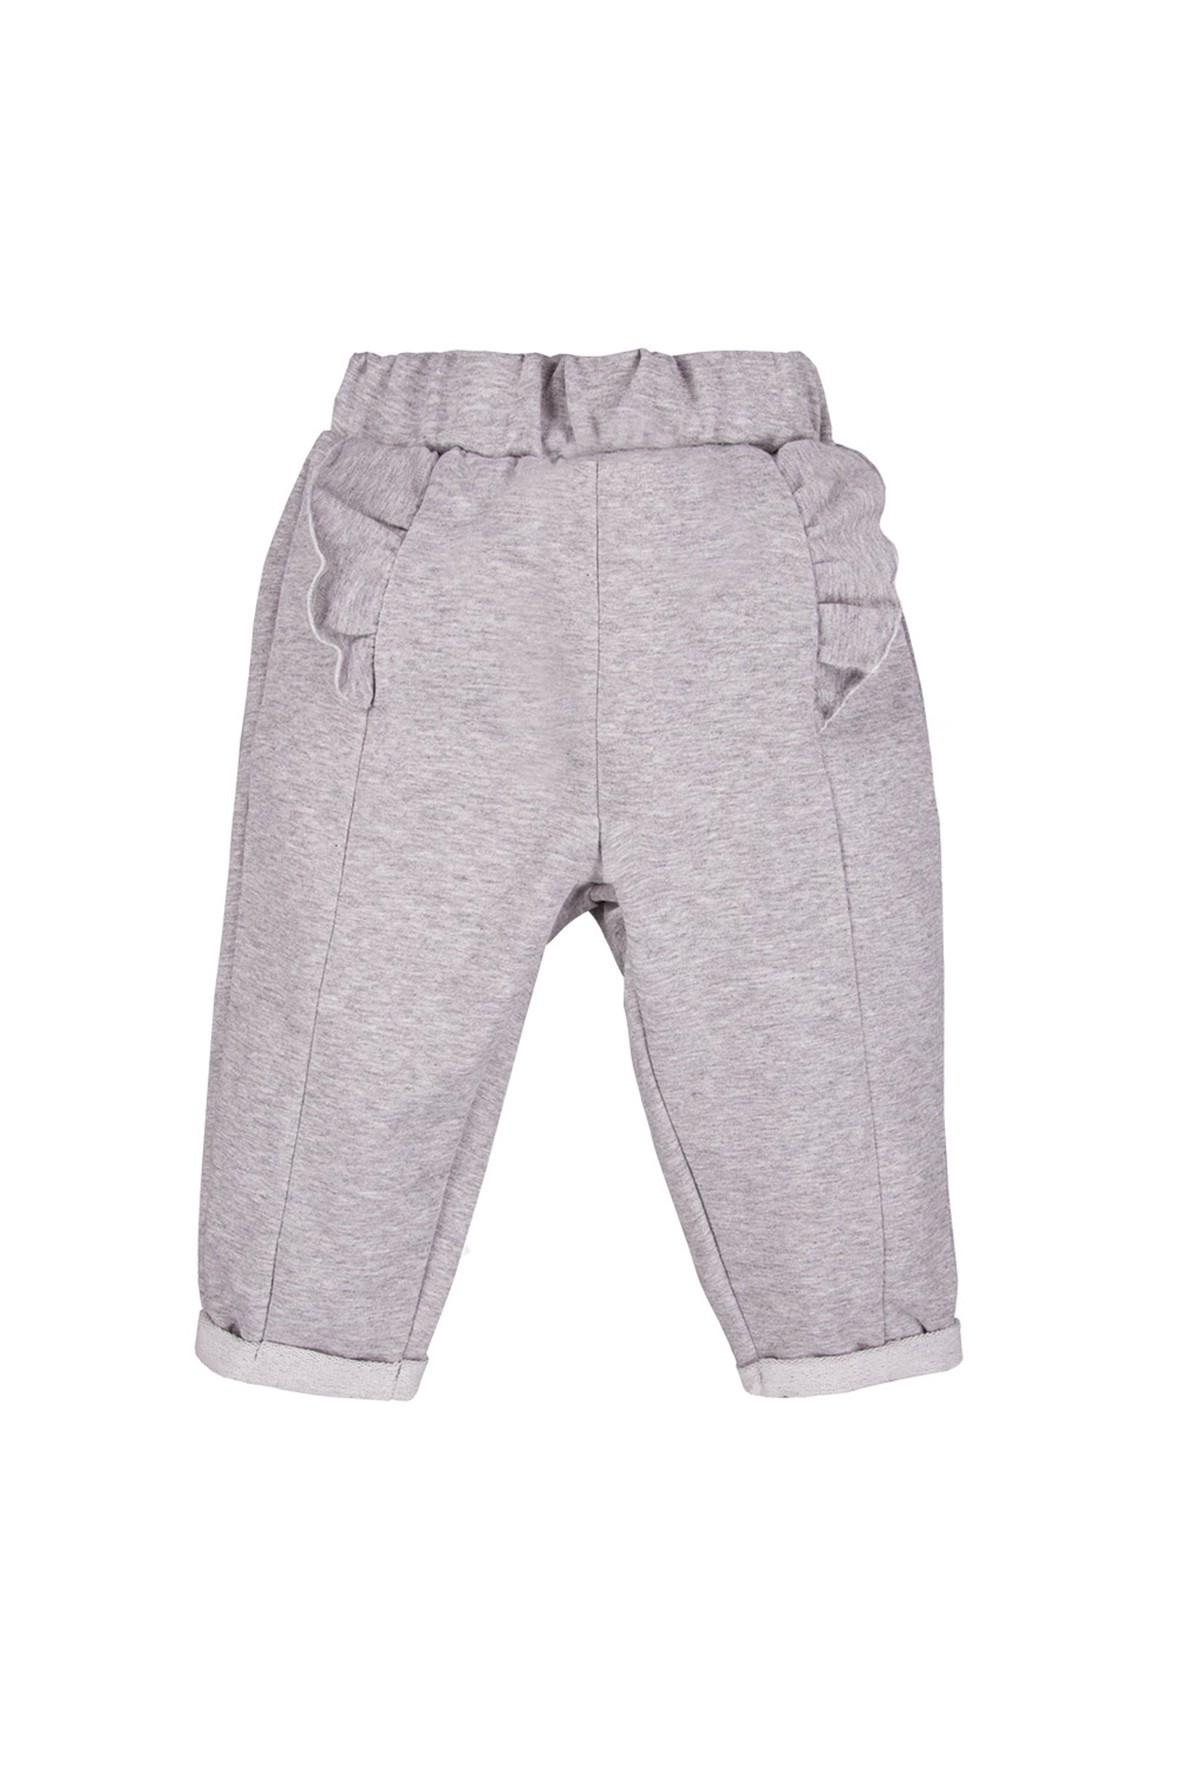 Bawełniane spodnie niemowlęce - szare